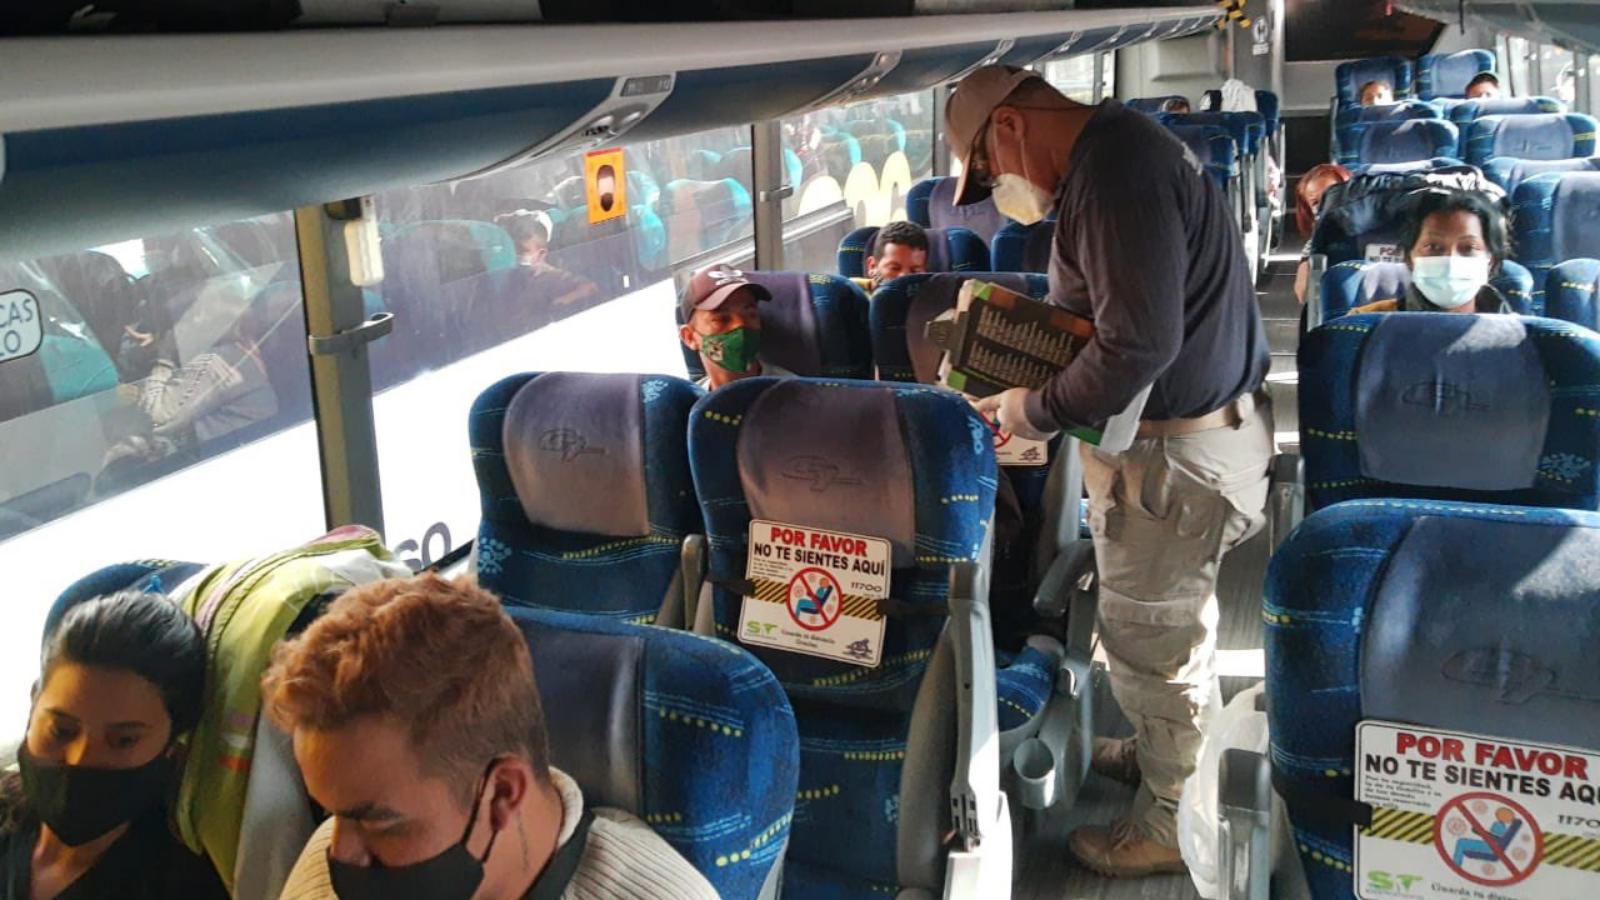 Así migran irregularmente en buses los venezolanos a Chile